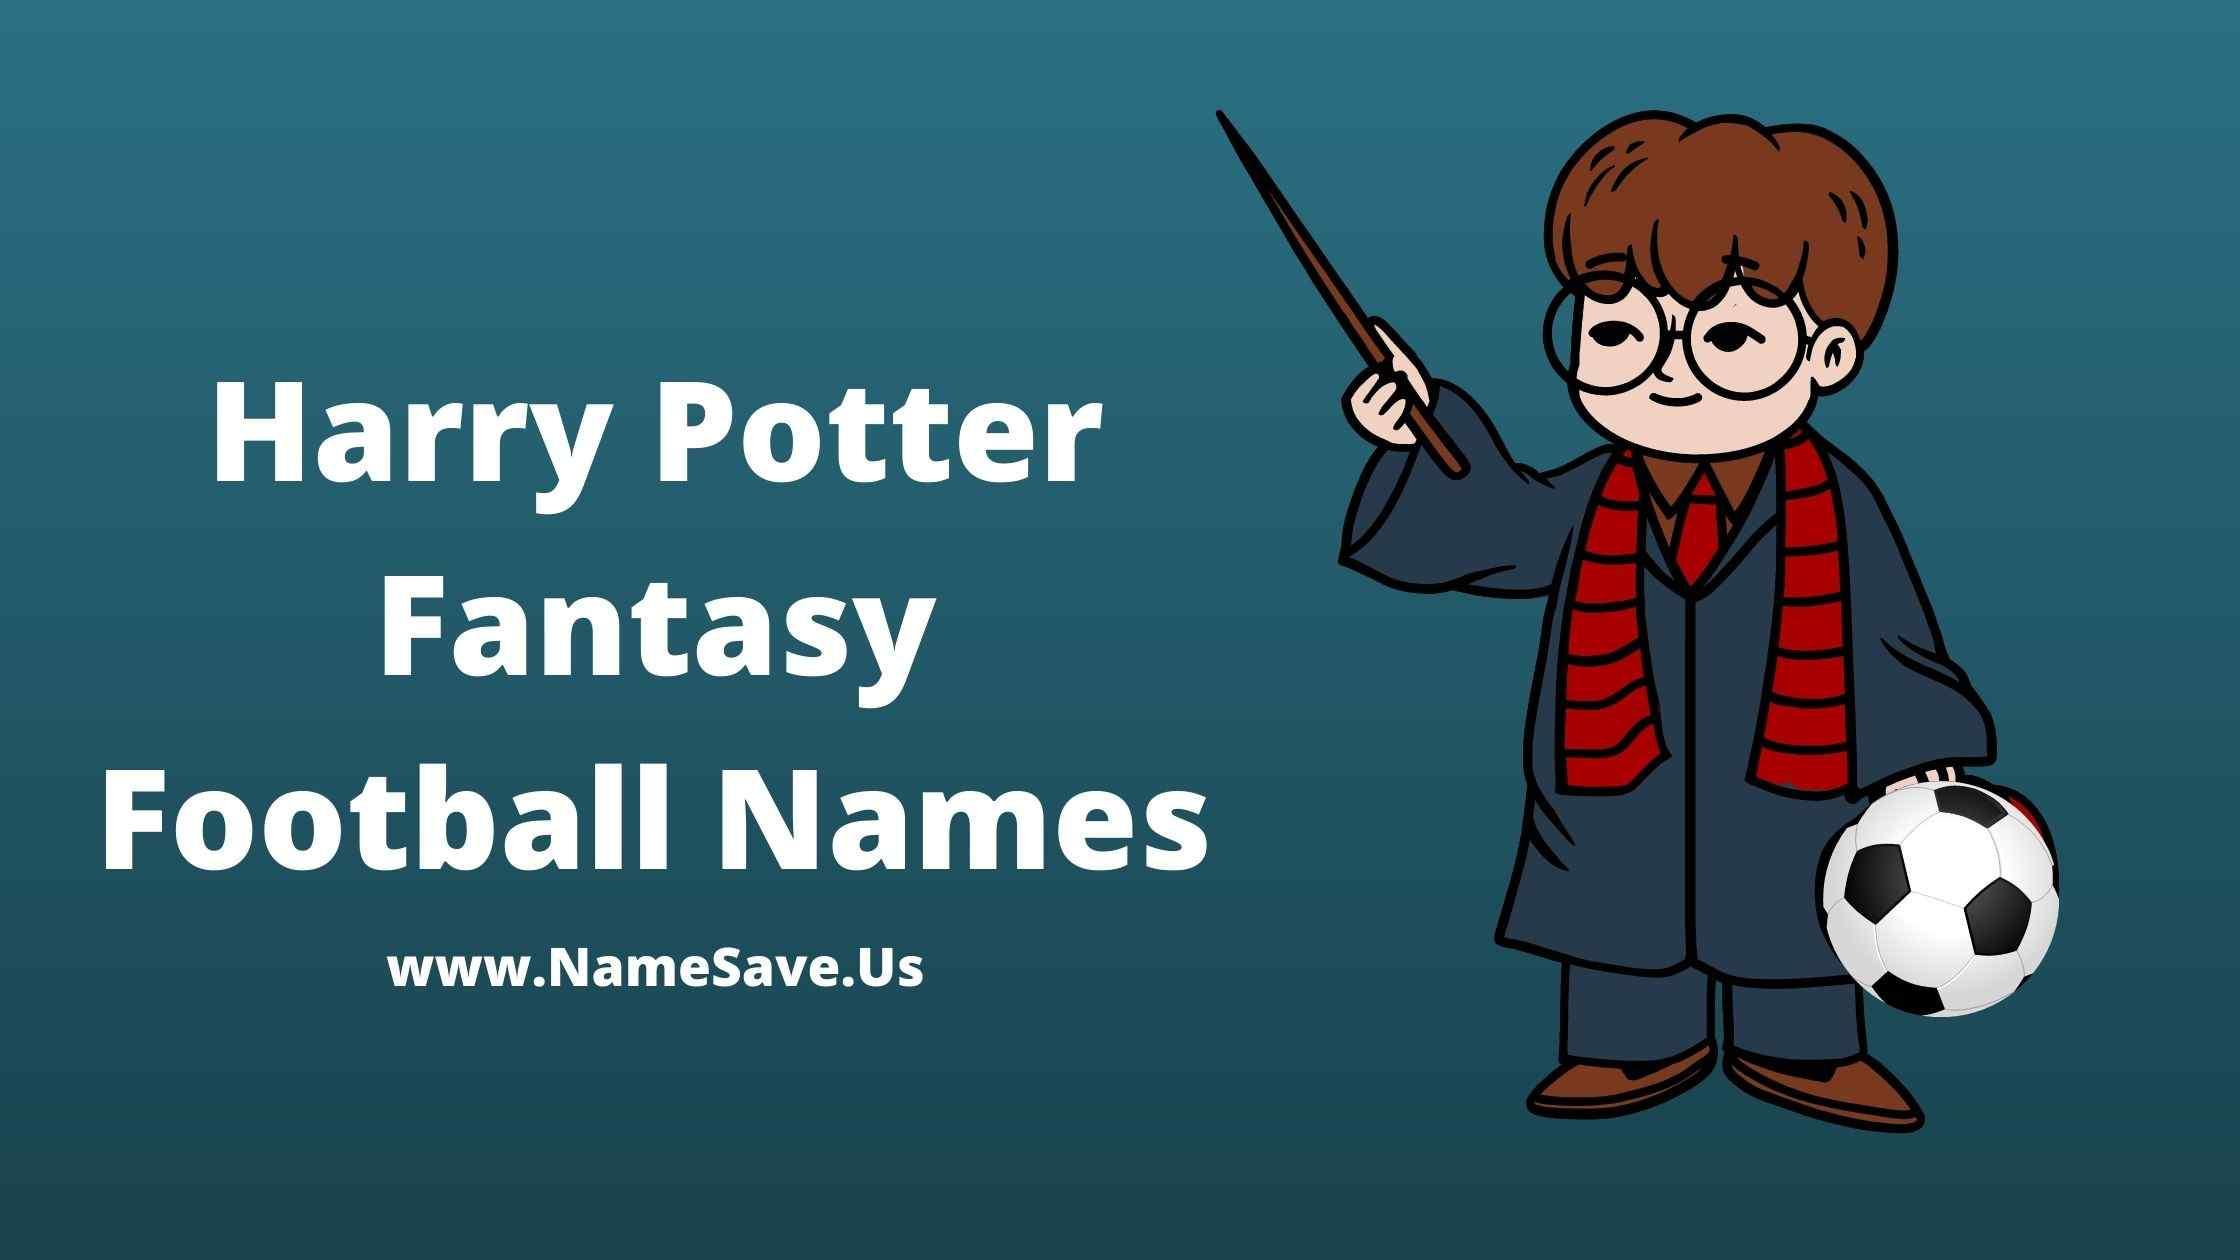 Harry Potter Fantasy Football Names